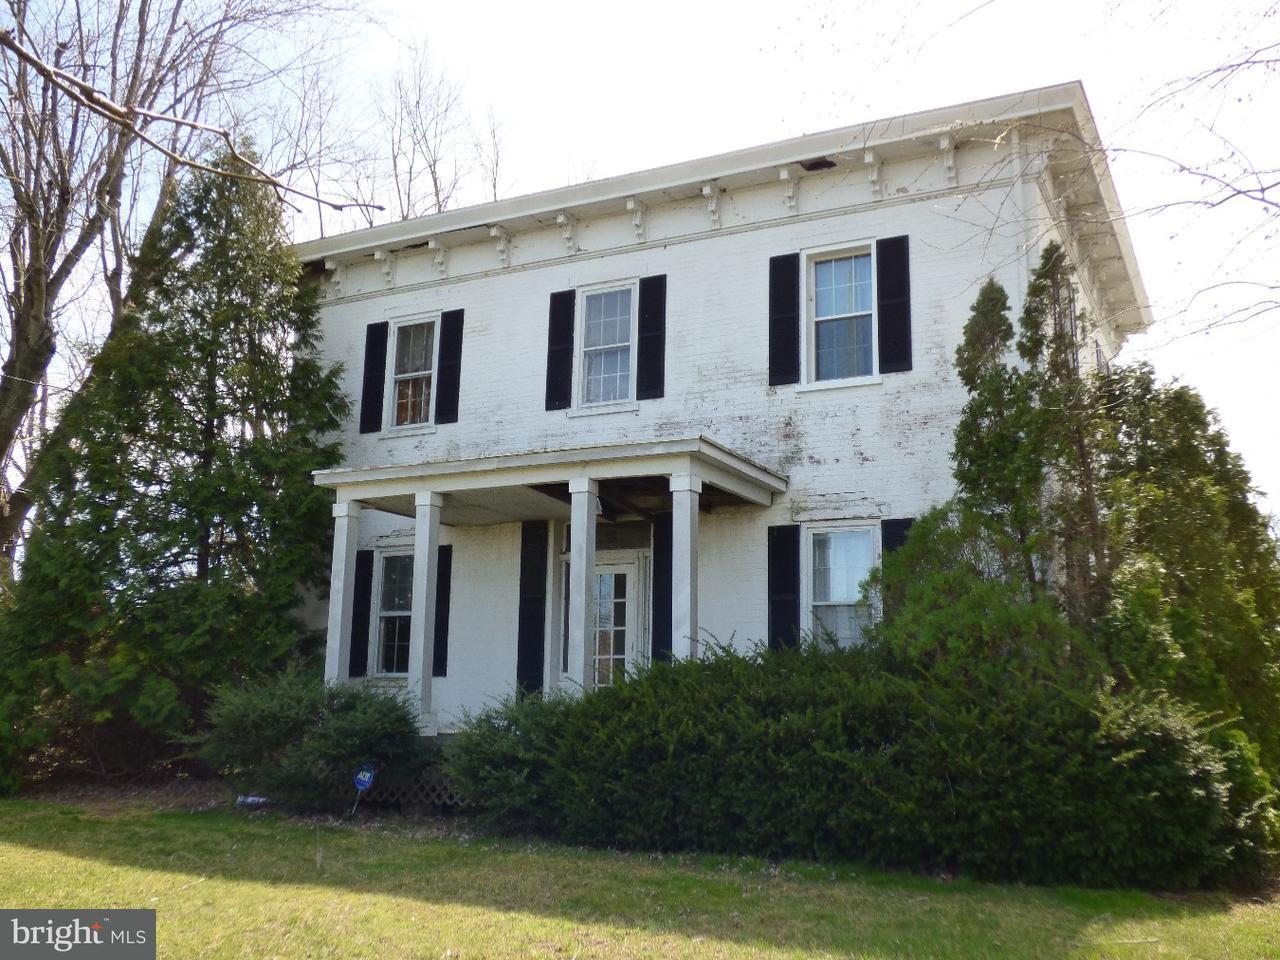 Maison unifamiliale pour l Vente à 87 E AMWELLBURY Road Elsinboro Township, New Jersey 08079 États-Unis